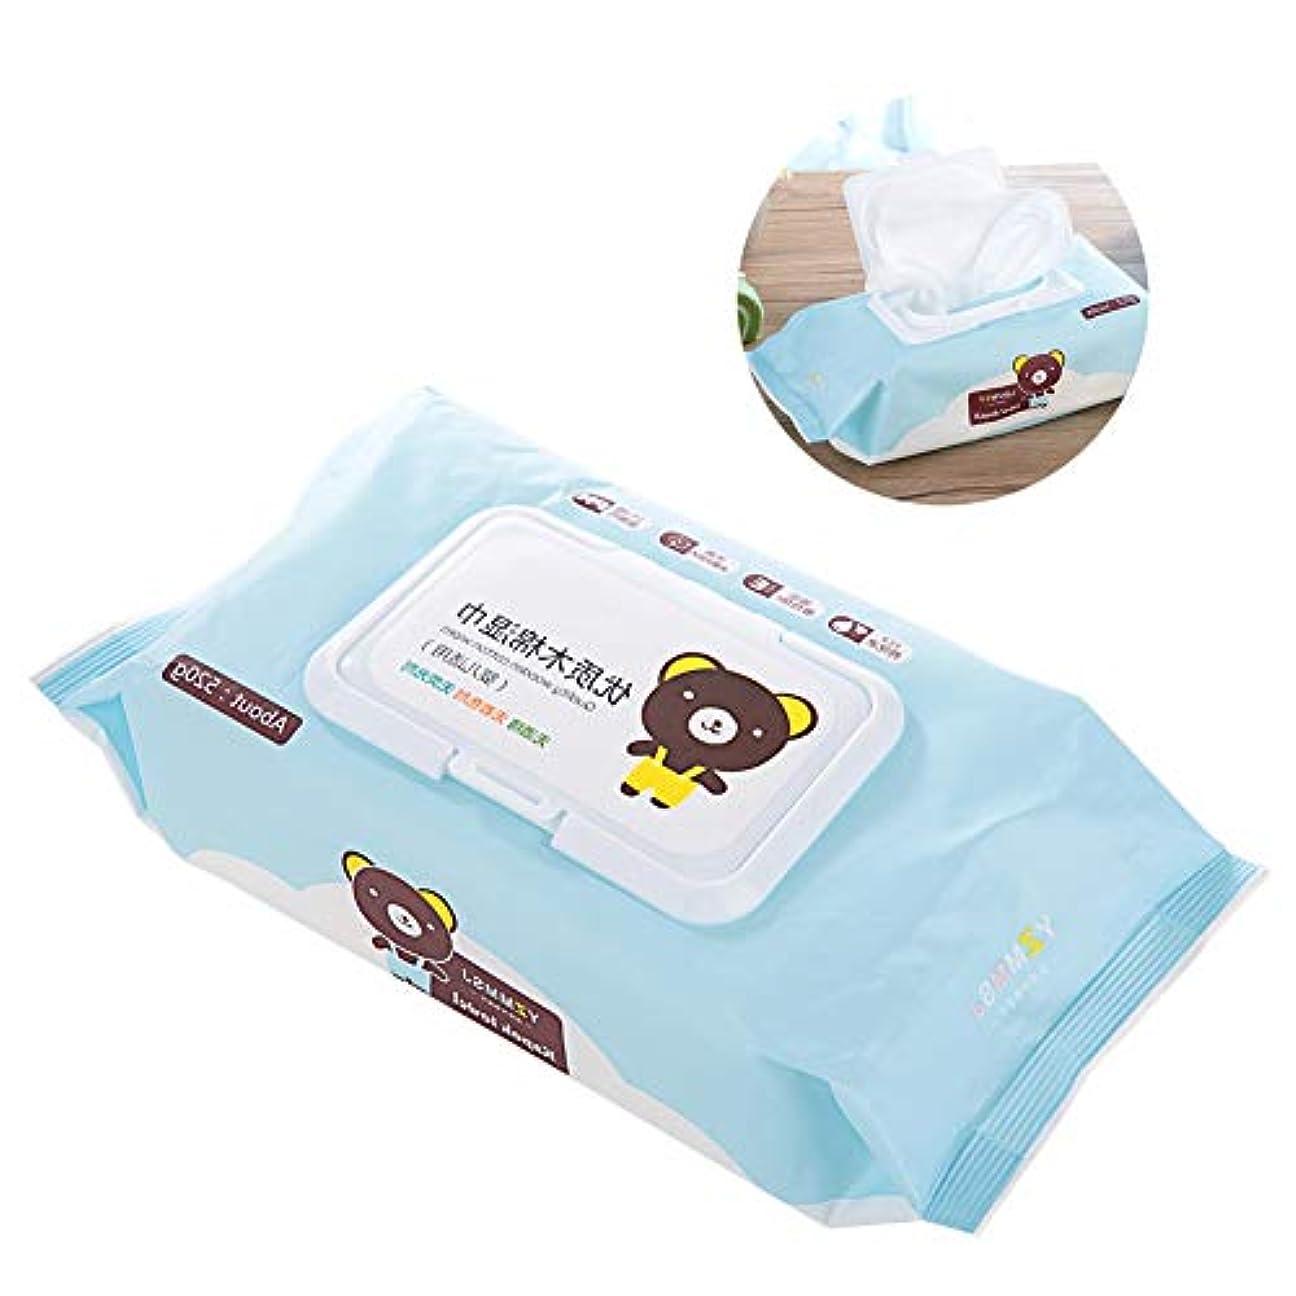 最後に上向き膿瘍Yuyte 80個の柔らかい使い捨て可能なウェットワイプ赤ちゃん幼児クリーニング口手のティッシュ(02)